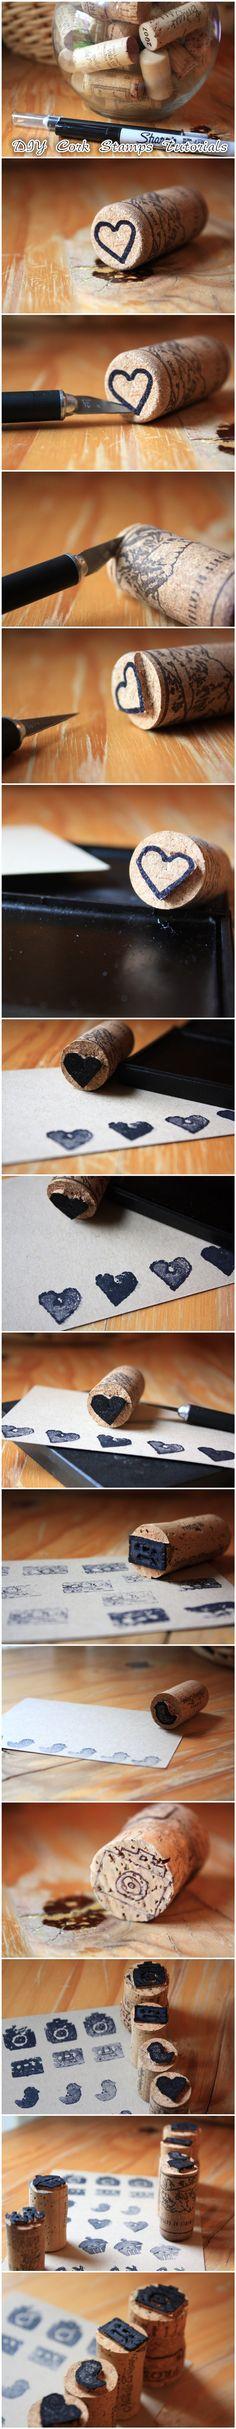 #DIY Cork Stamp #Tutorials I wish I was crafty!